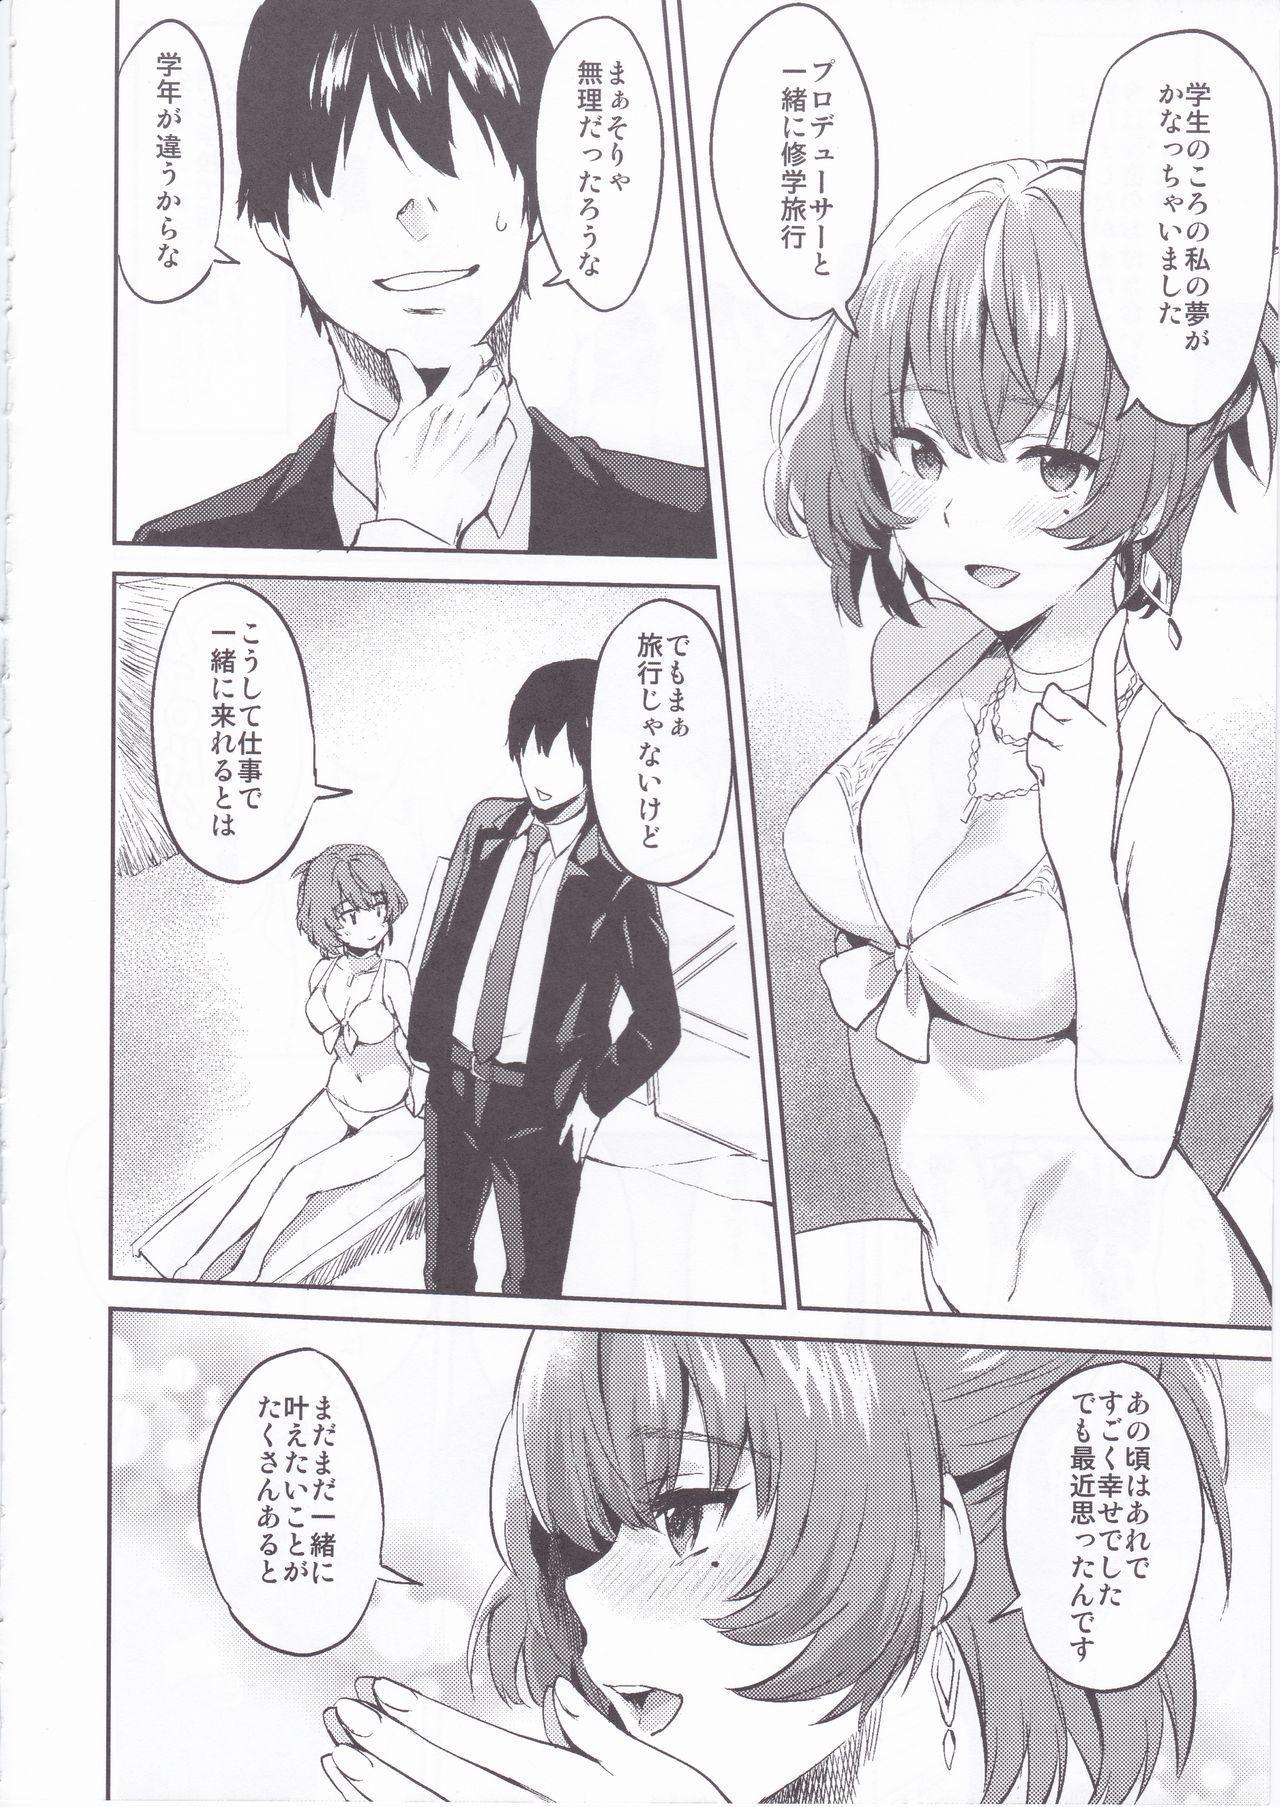 Kimi o Motto Suki ni Naru 7